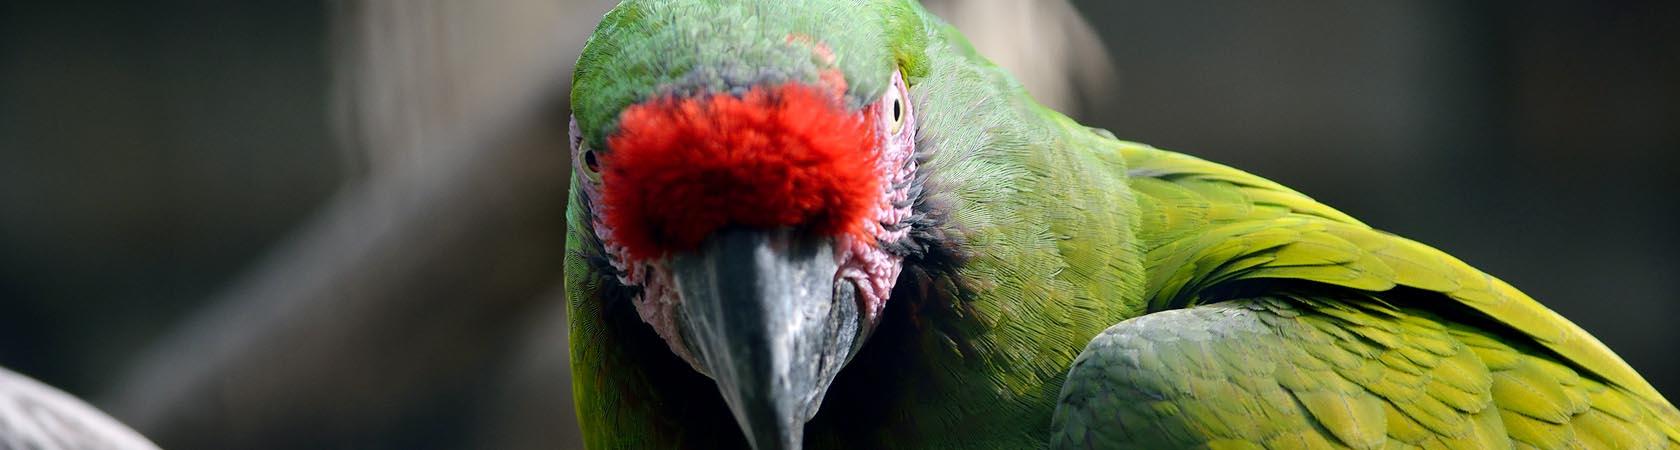 pappagallo-militare-parco-faunistico-le-cornelle-leonardodelfini01